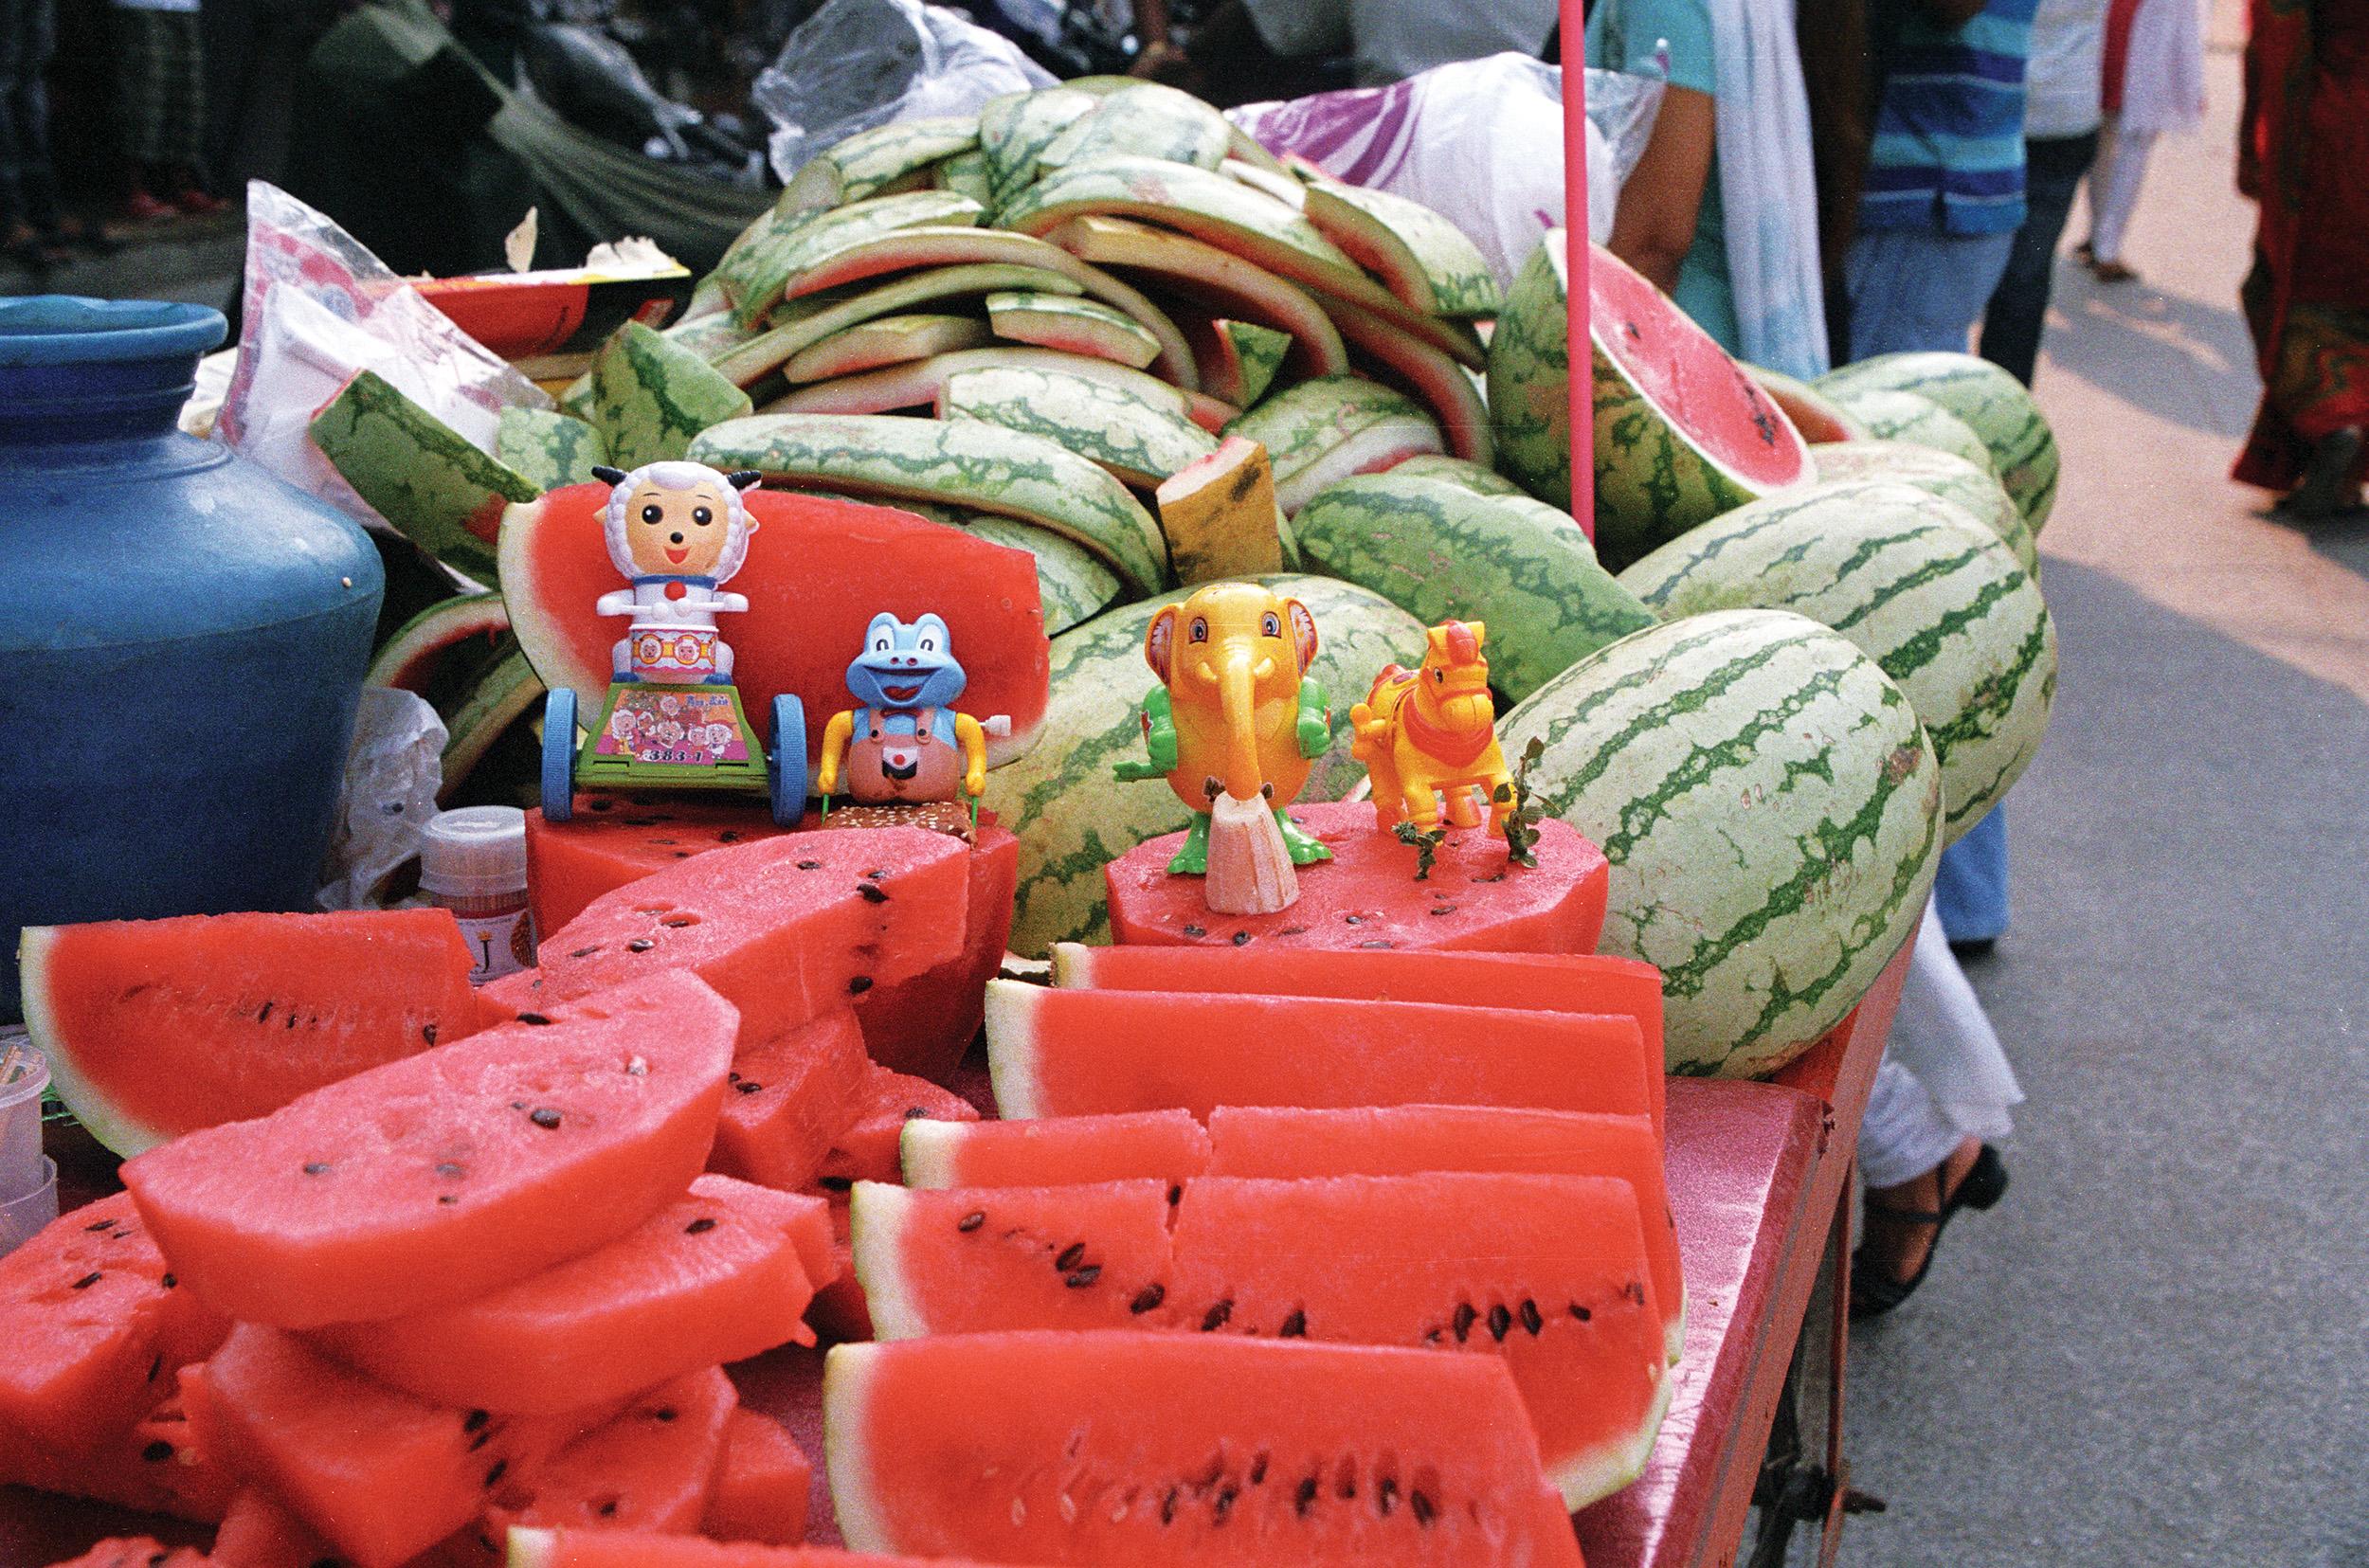 01_Markets1_sm.jpg